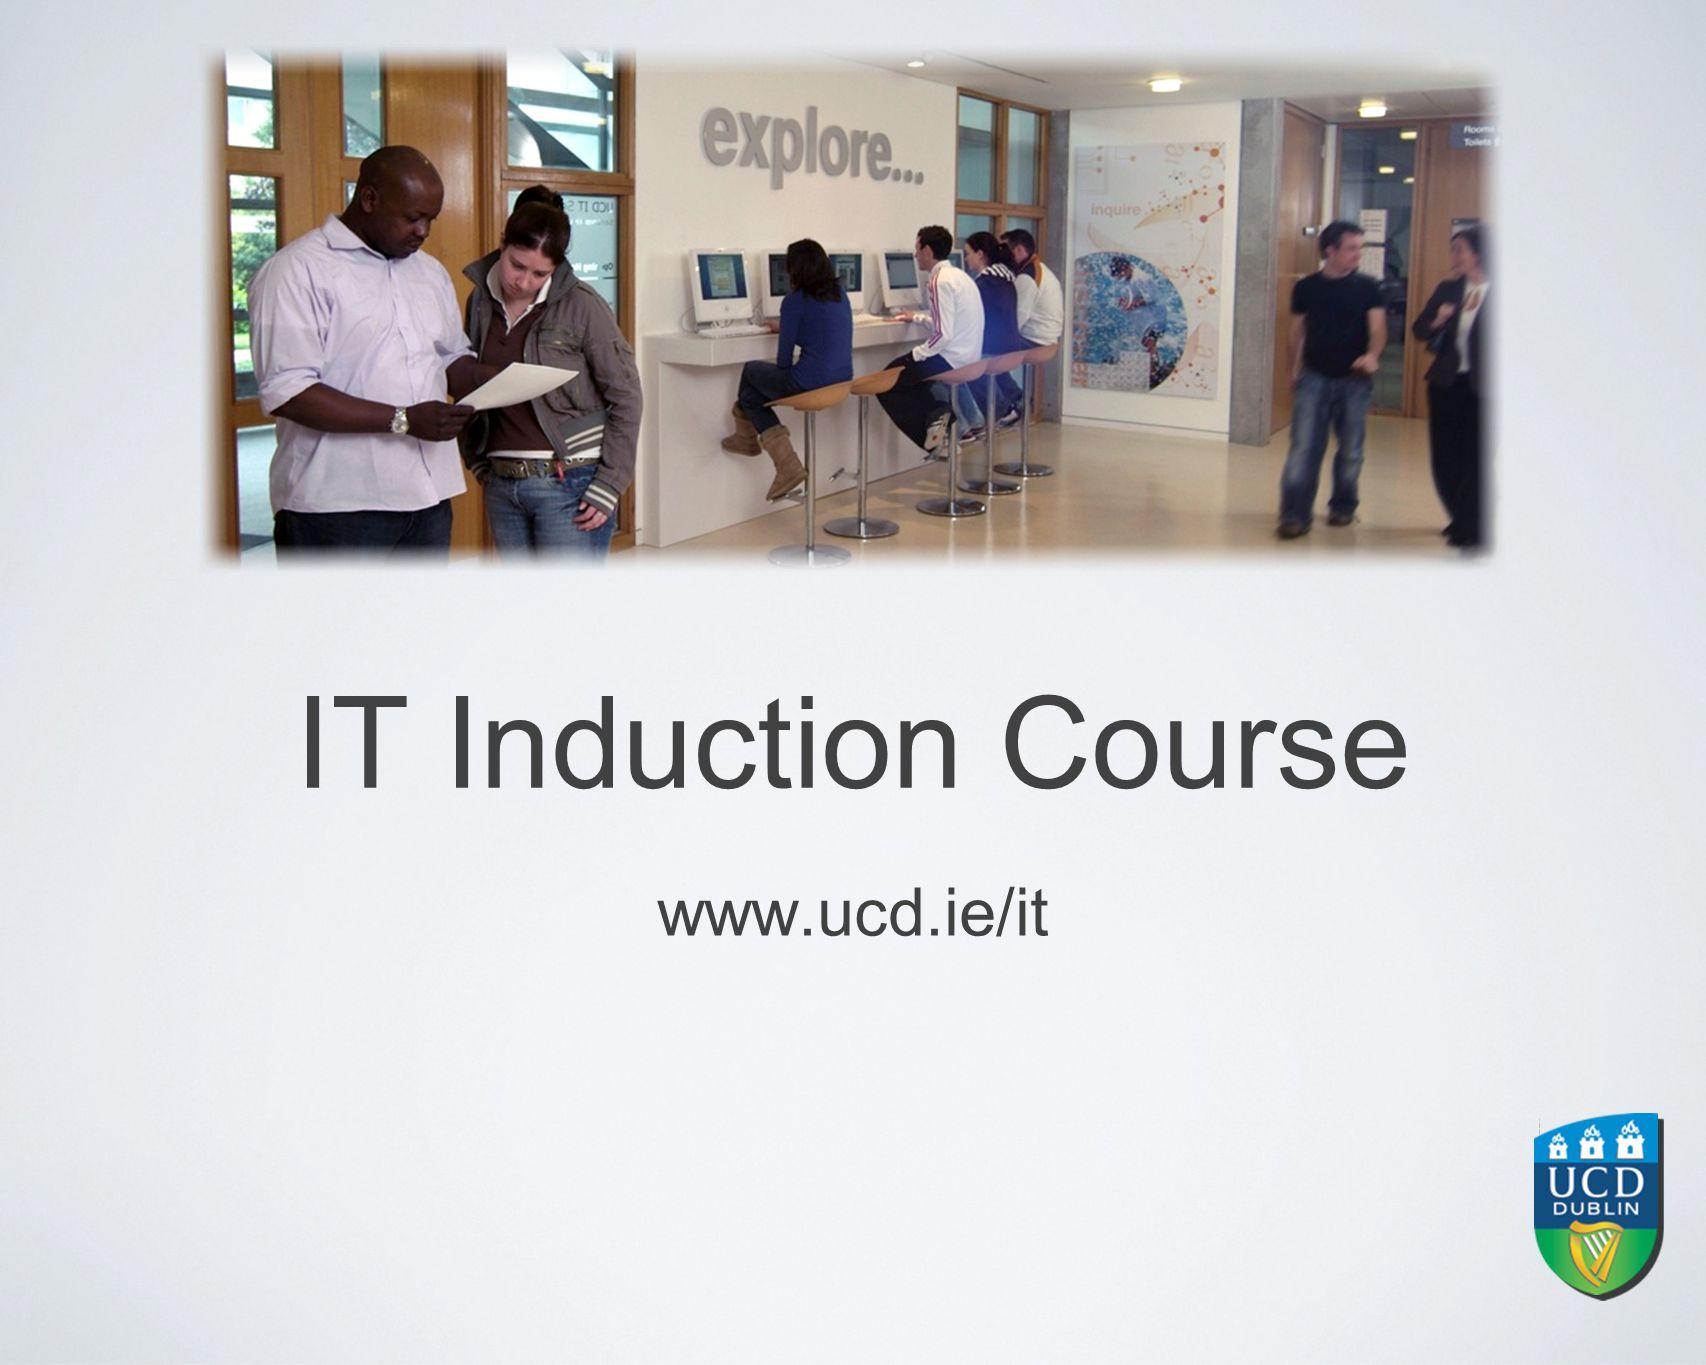 IT Induction Course www.ucd.ie/it